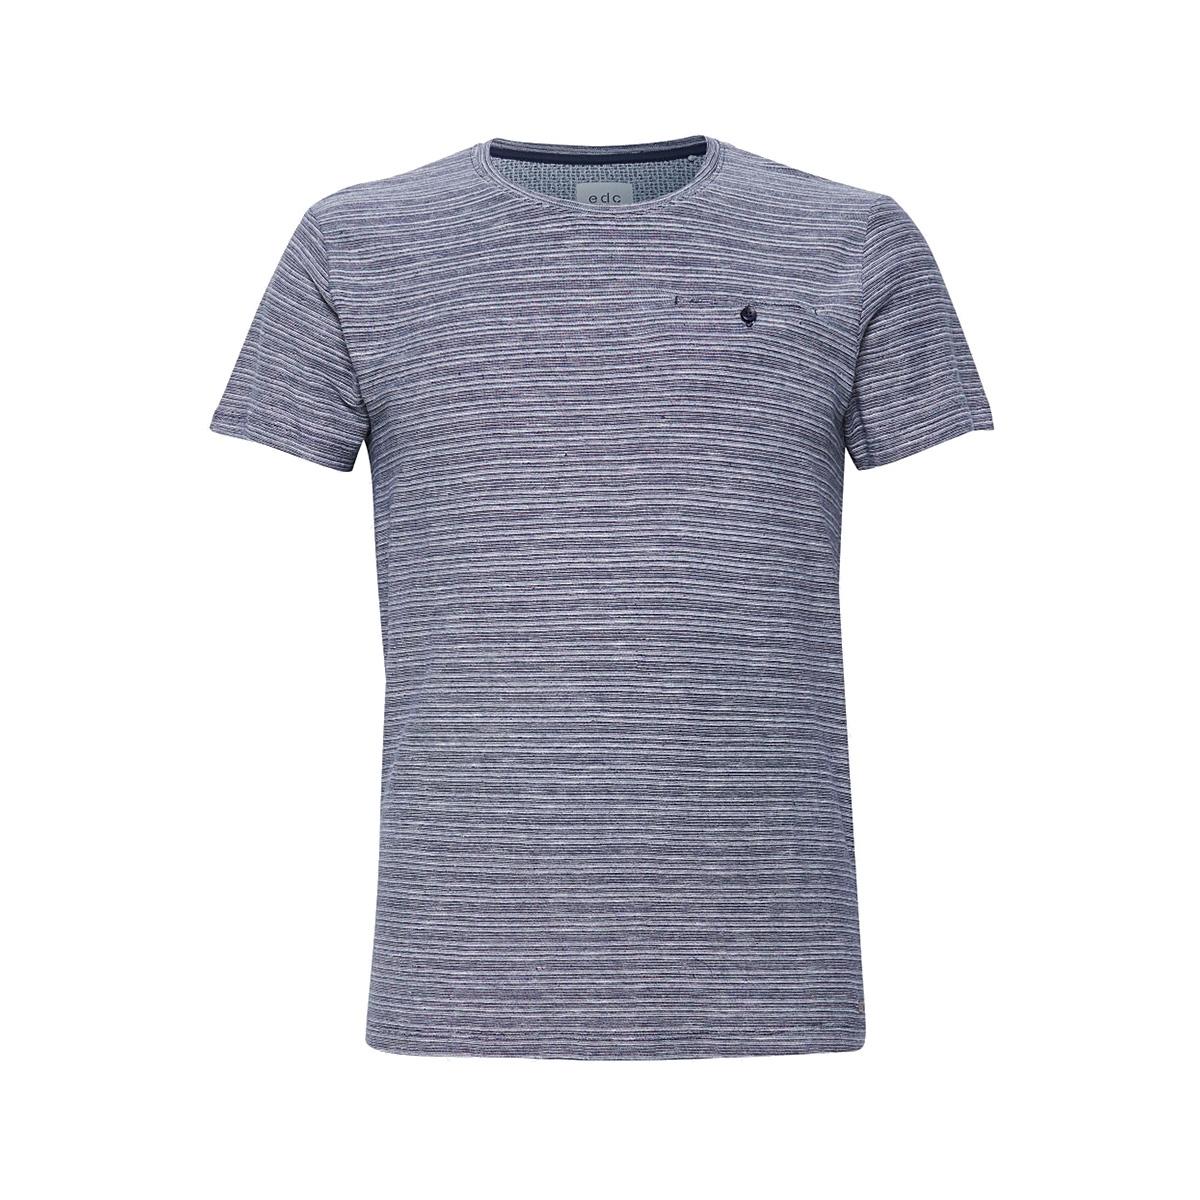 039cc2k010 edc t-shirt c400